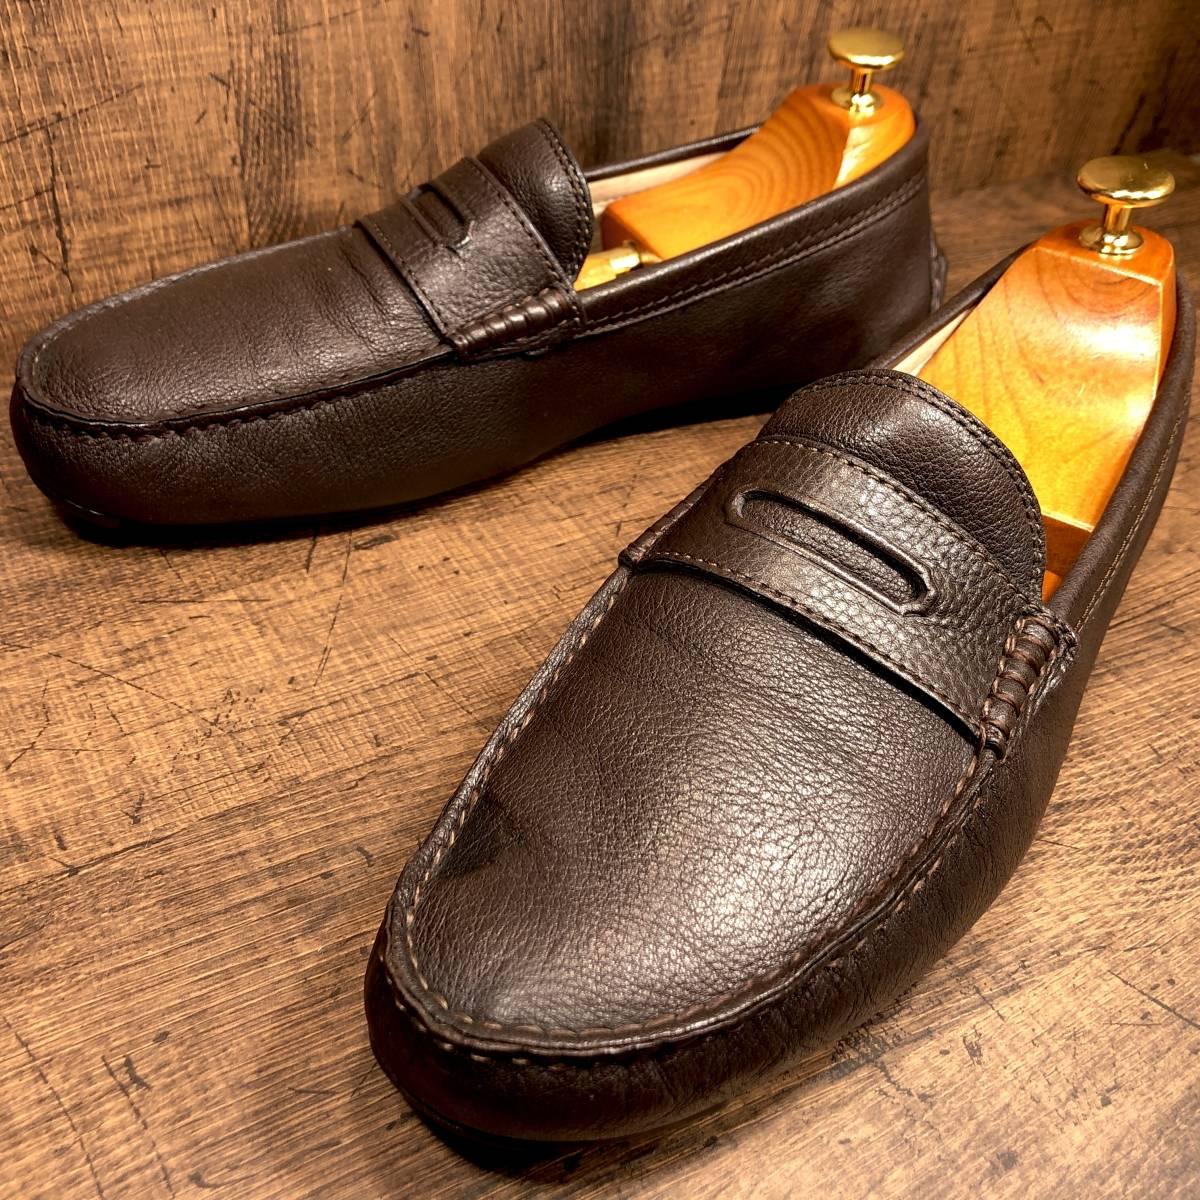 ■COACH■ 26cm 茶 ブラウン コーチ ドライビングシューズ コインローファー メンズ 革靴 靴 本革 ビジネス ドレス くつ 即決_画像4